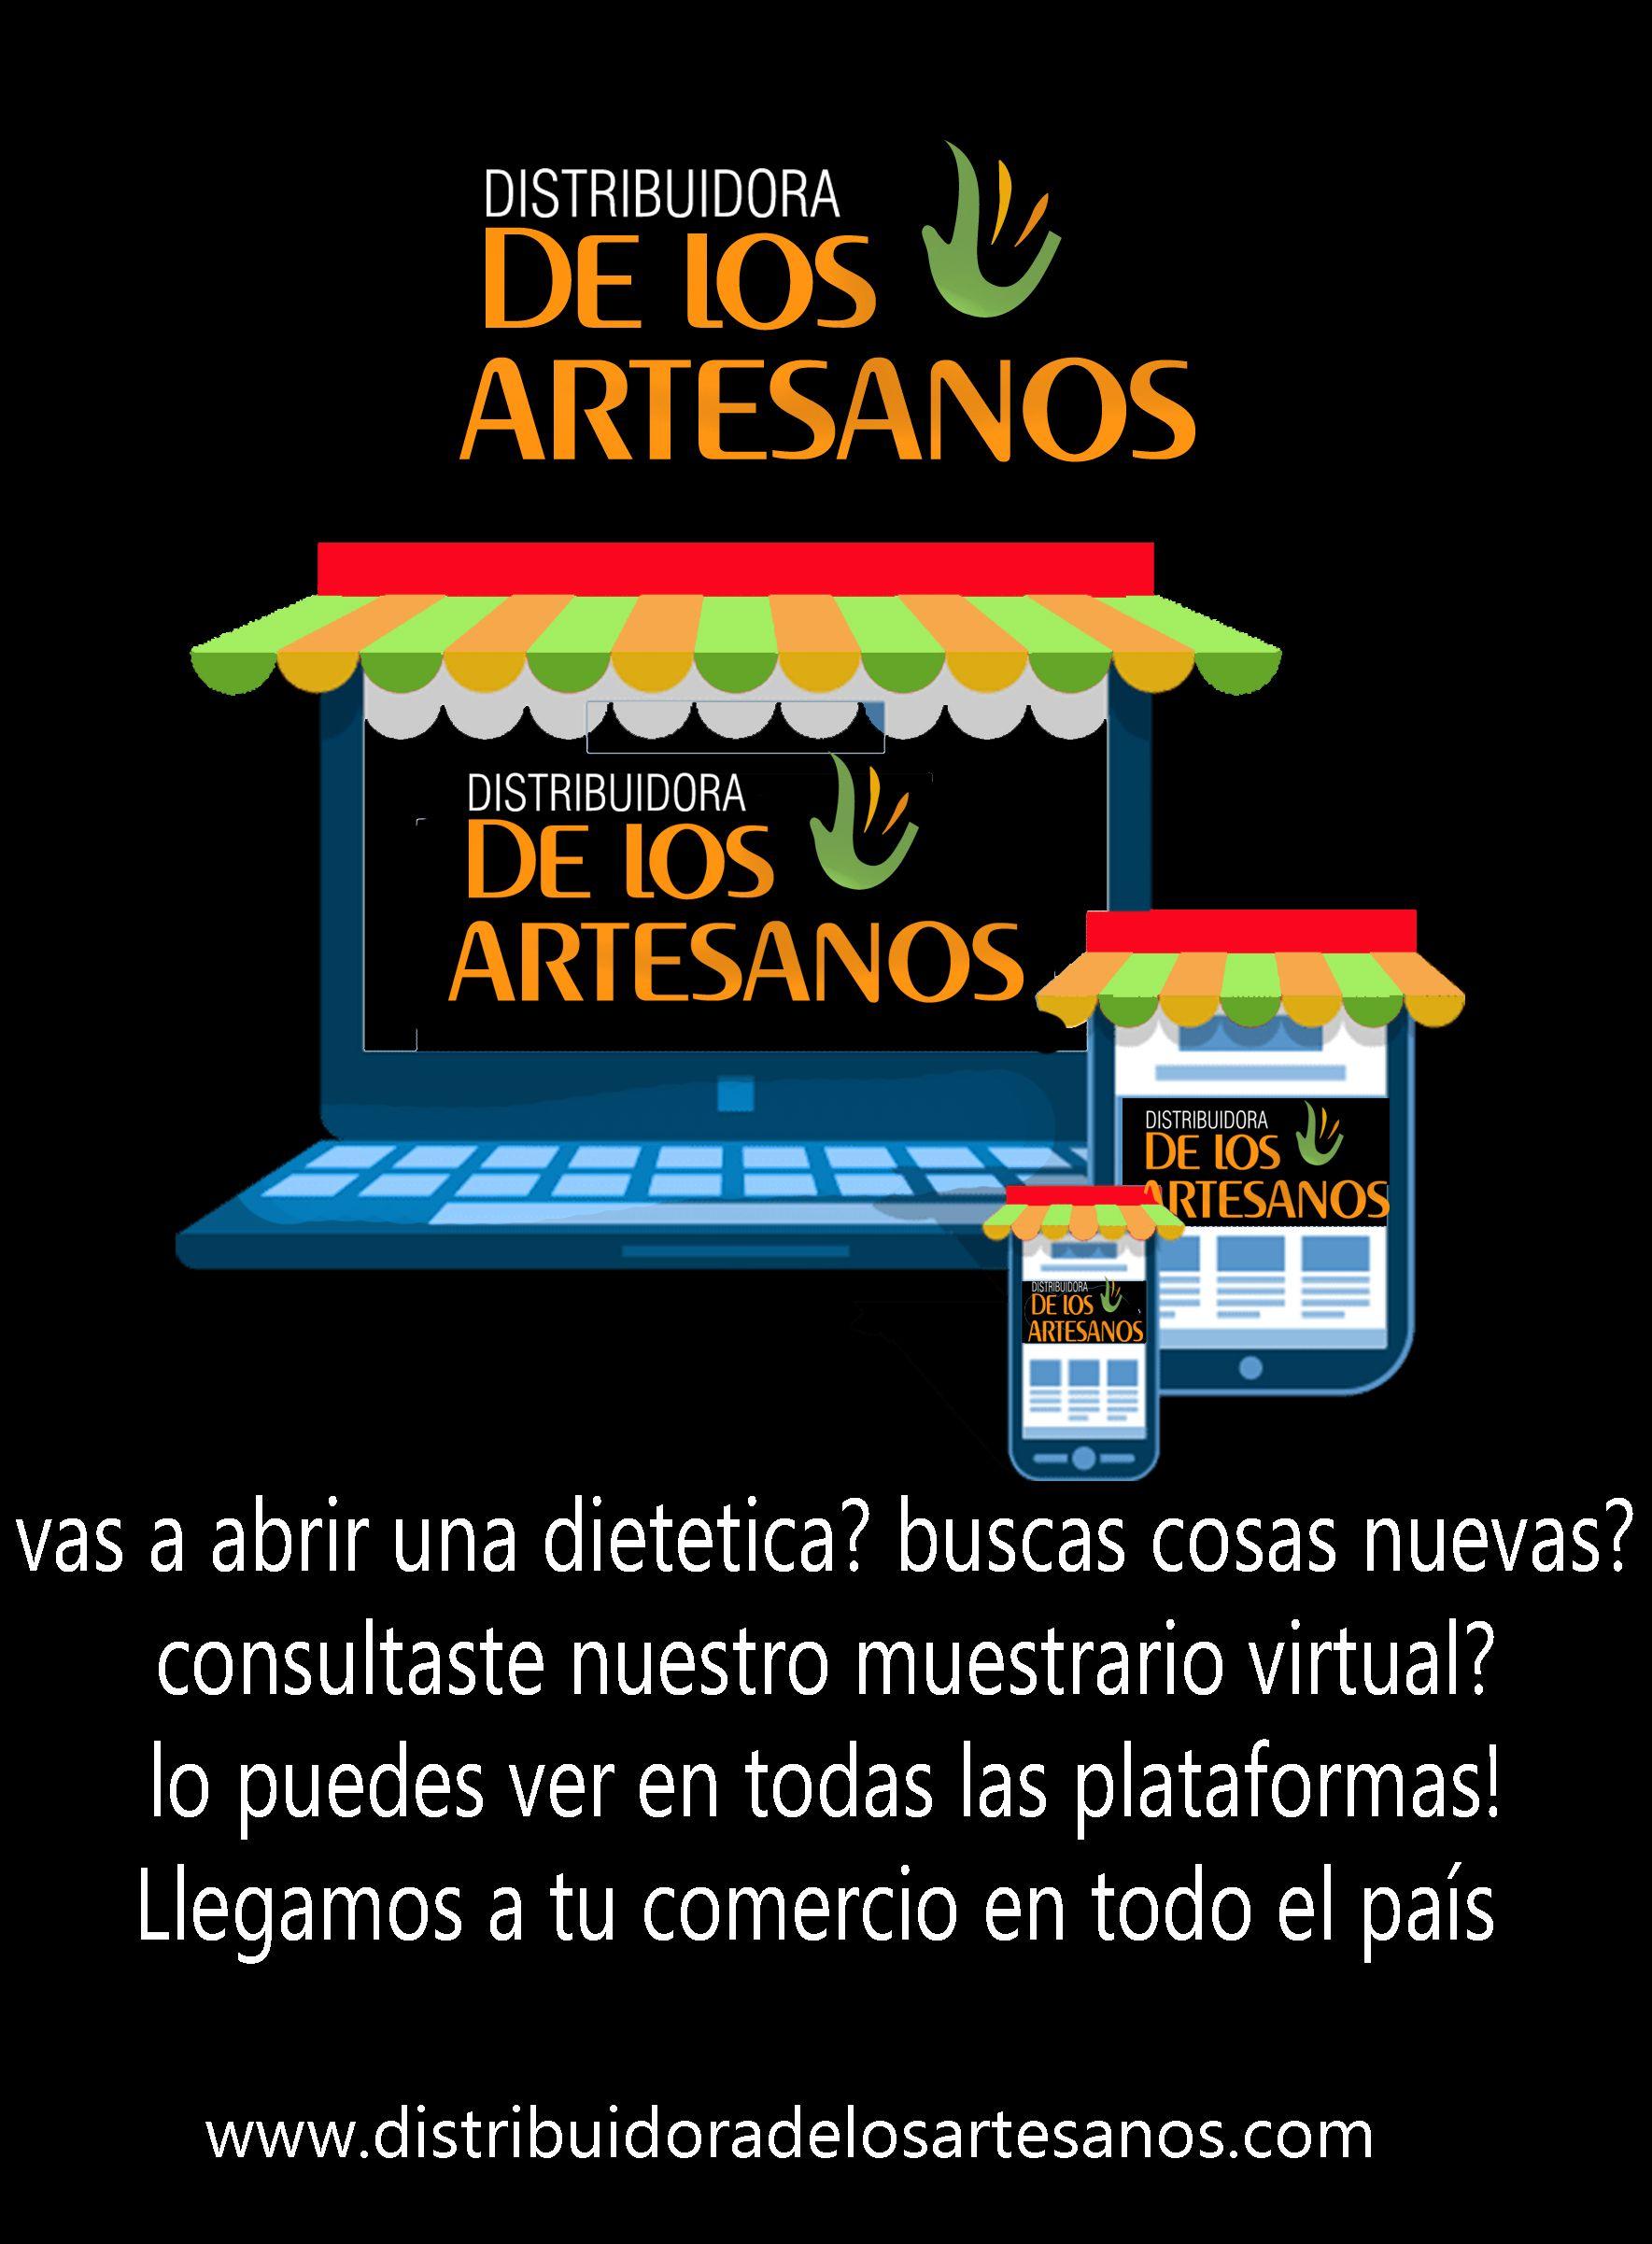 Venta Mayorista De Dietética Distribuidora De Los Artesanos Especialidad En Venta A Dieteticas Artesanos Distribuidor Mayorista